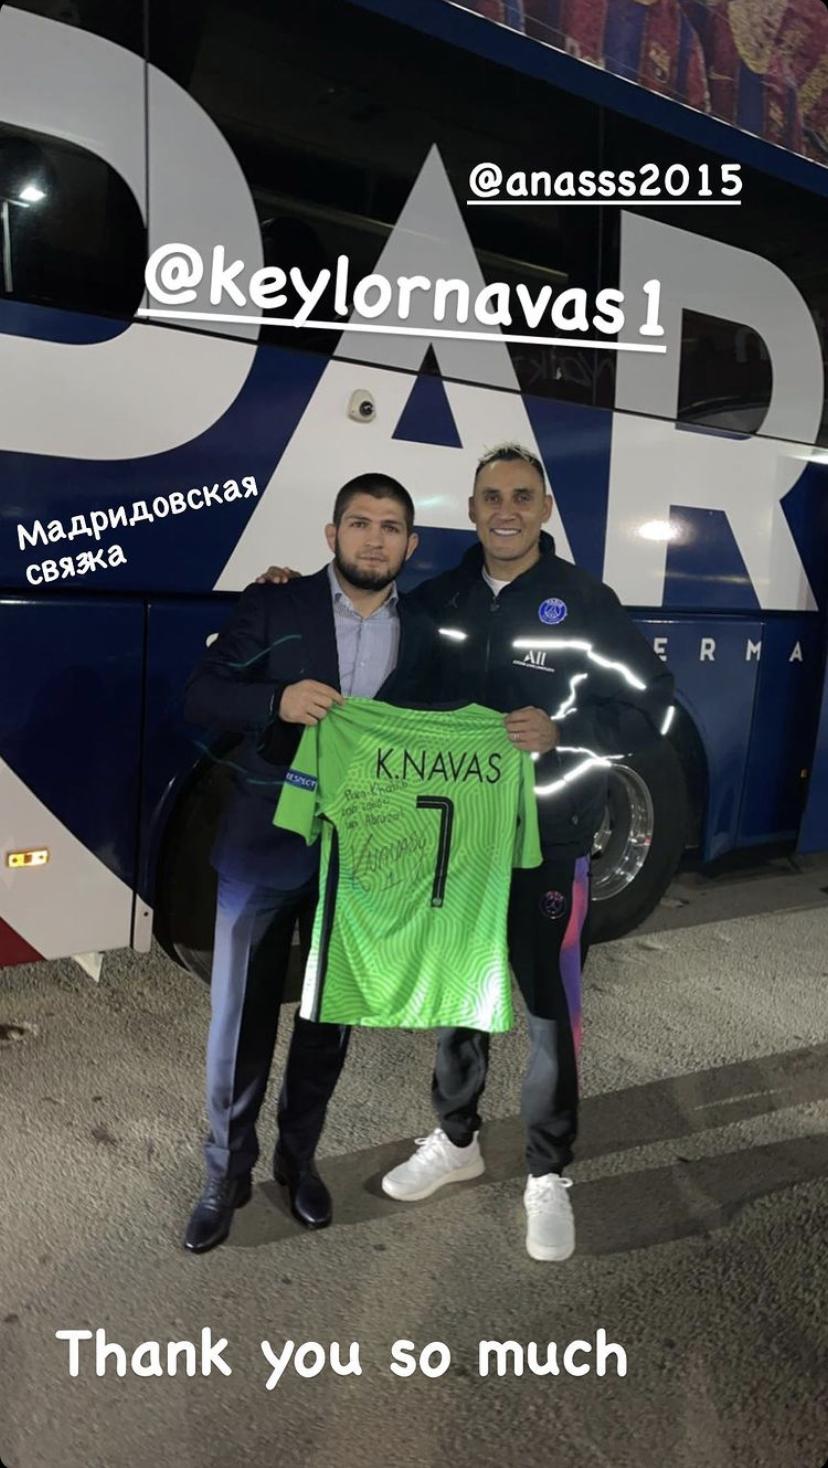 maillot-mbappé-khabib-nurmagomedov-1